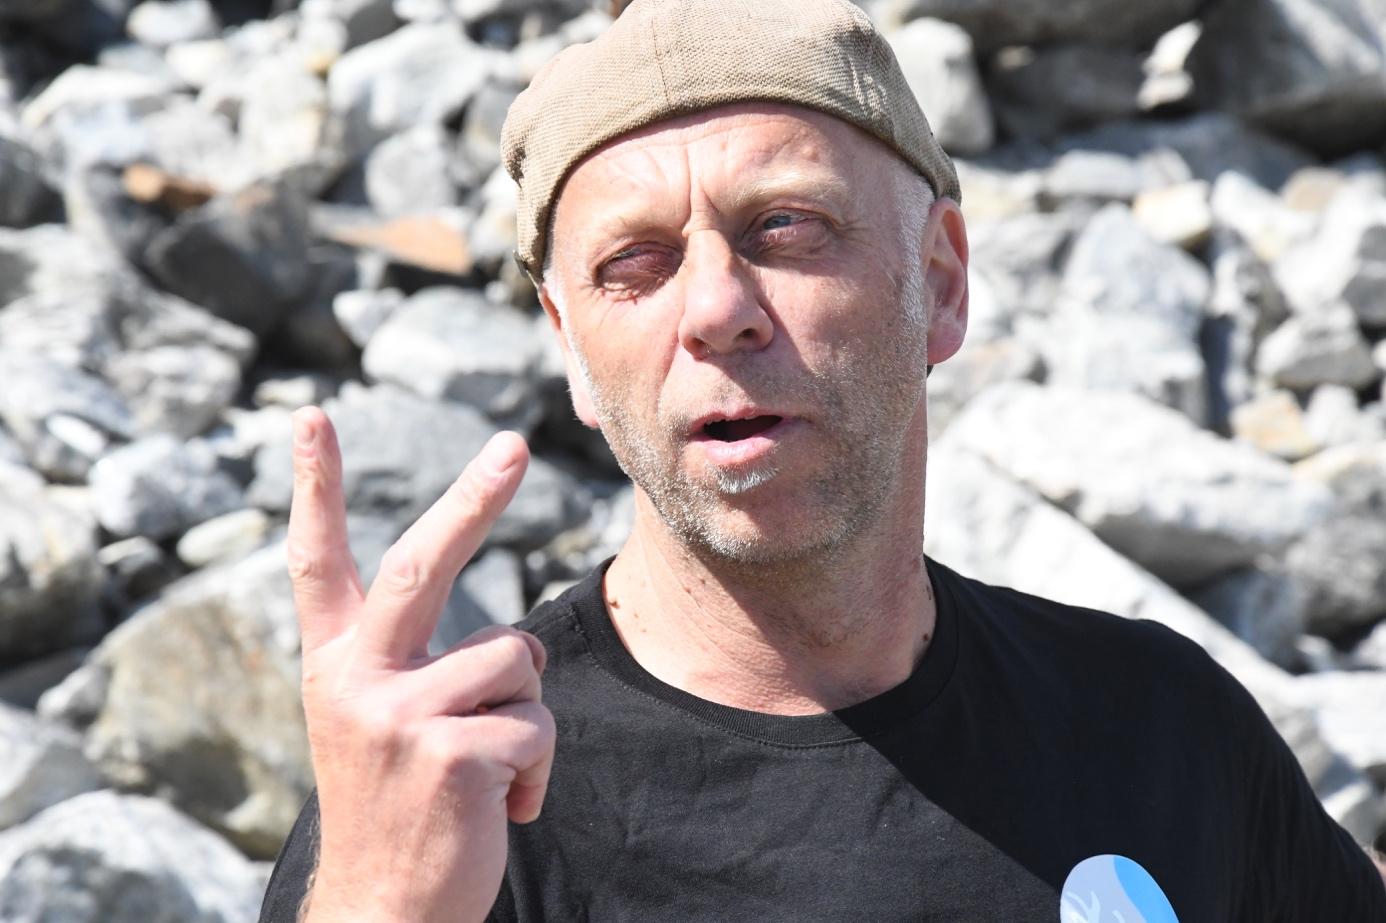 Et bilde som inneholder person, mann, stein, utendørs  Automatisk generert beskrivelse